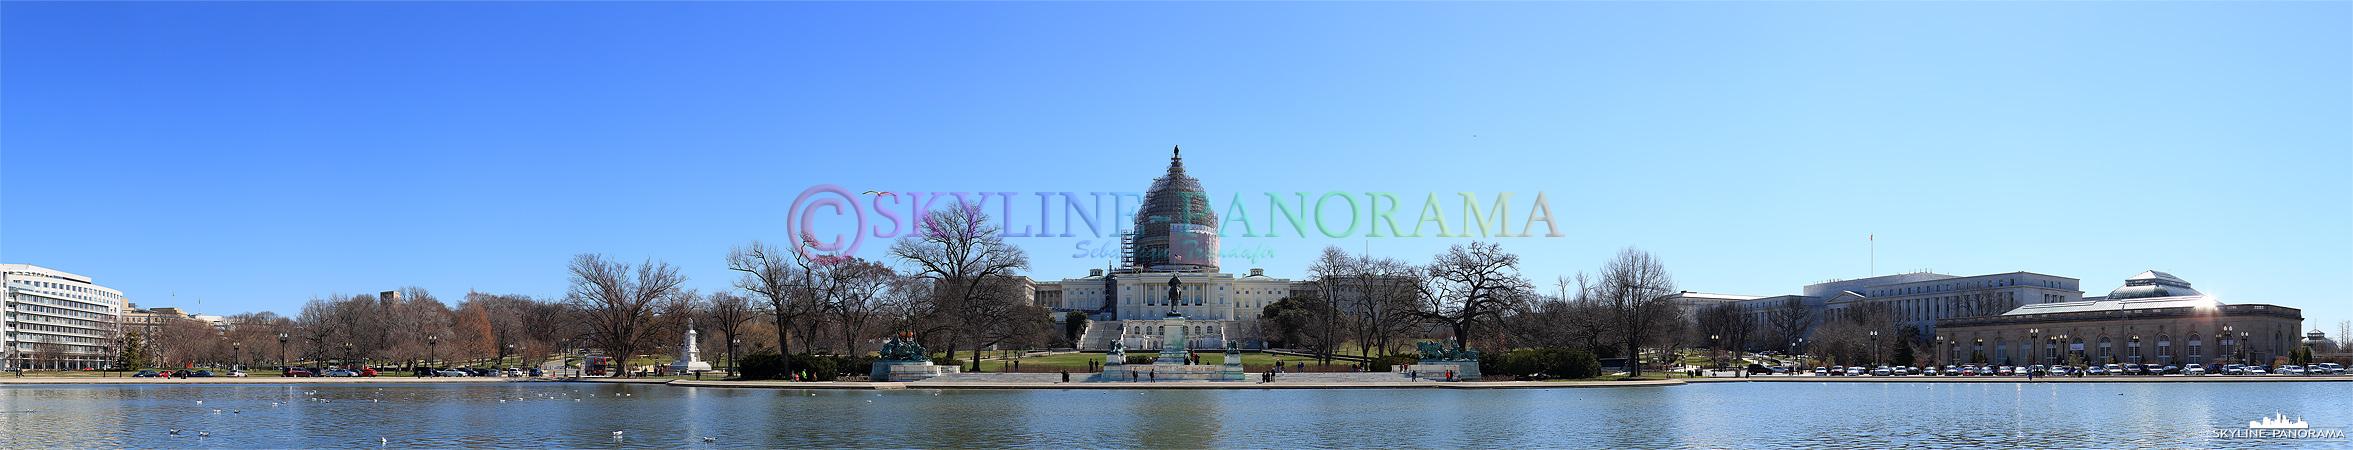 Bilder aus Washington - Das U.S. Capitol im Frühjahr 2015, zu diesem Zeitpunkt fanden umfangreiche Sanierungsarbeiten an der großen Kuppel statt.